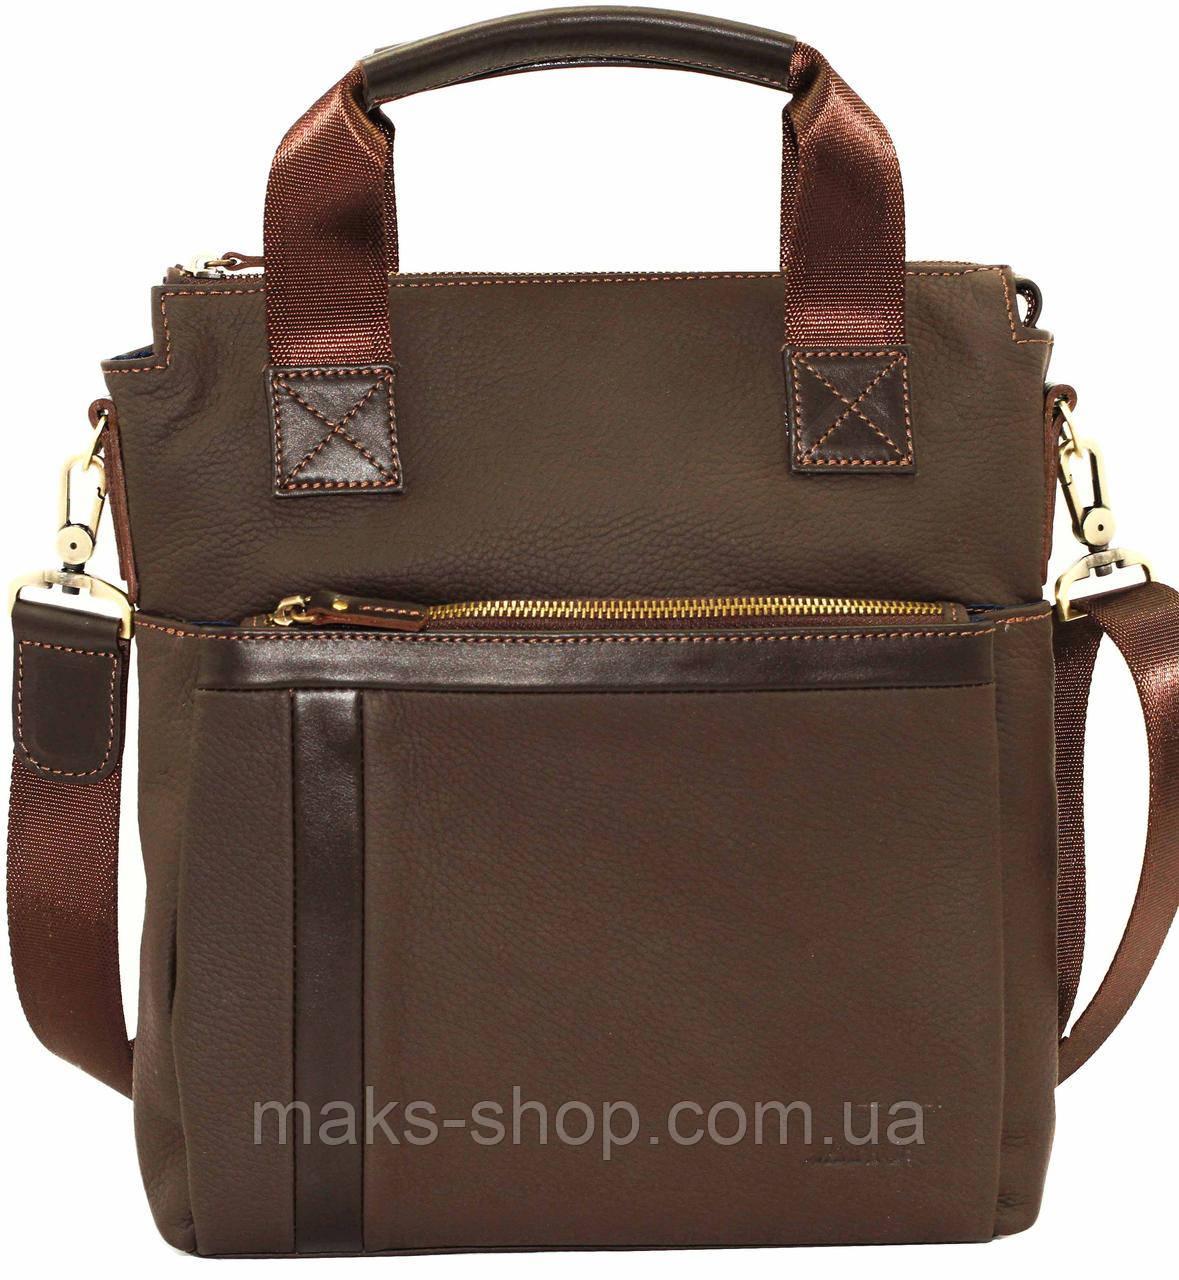 e0a98a40e314 Функциональная мужская сумка с ручками и плечевым ремнем VATTO Mk41.2  F7Kаz400 - Maks Shop